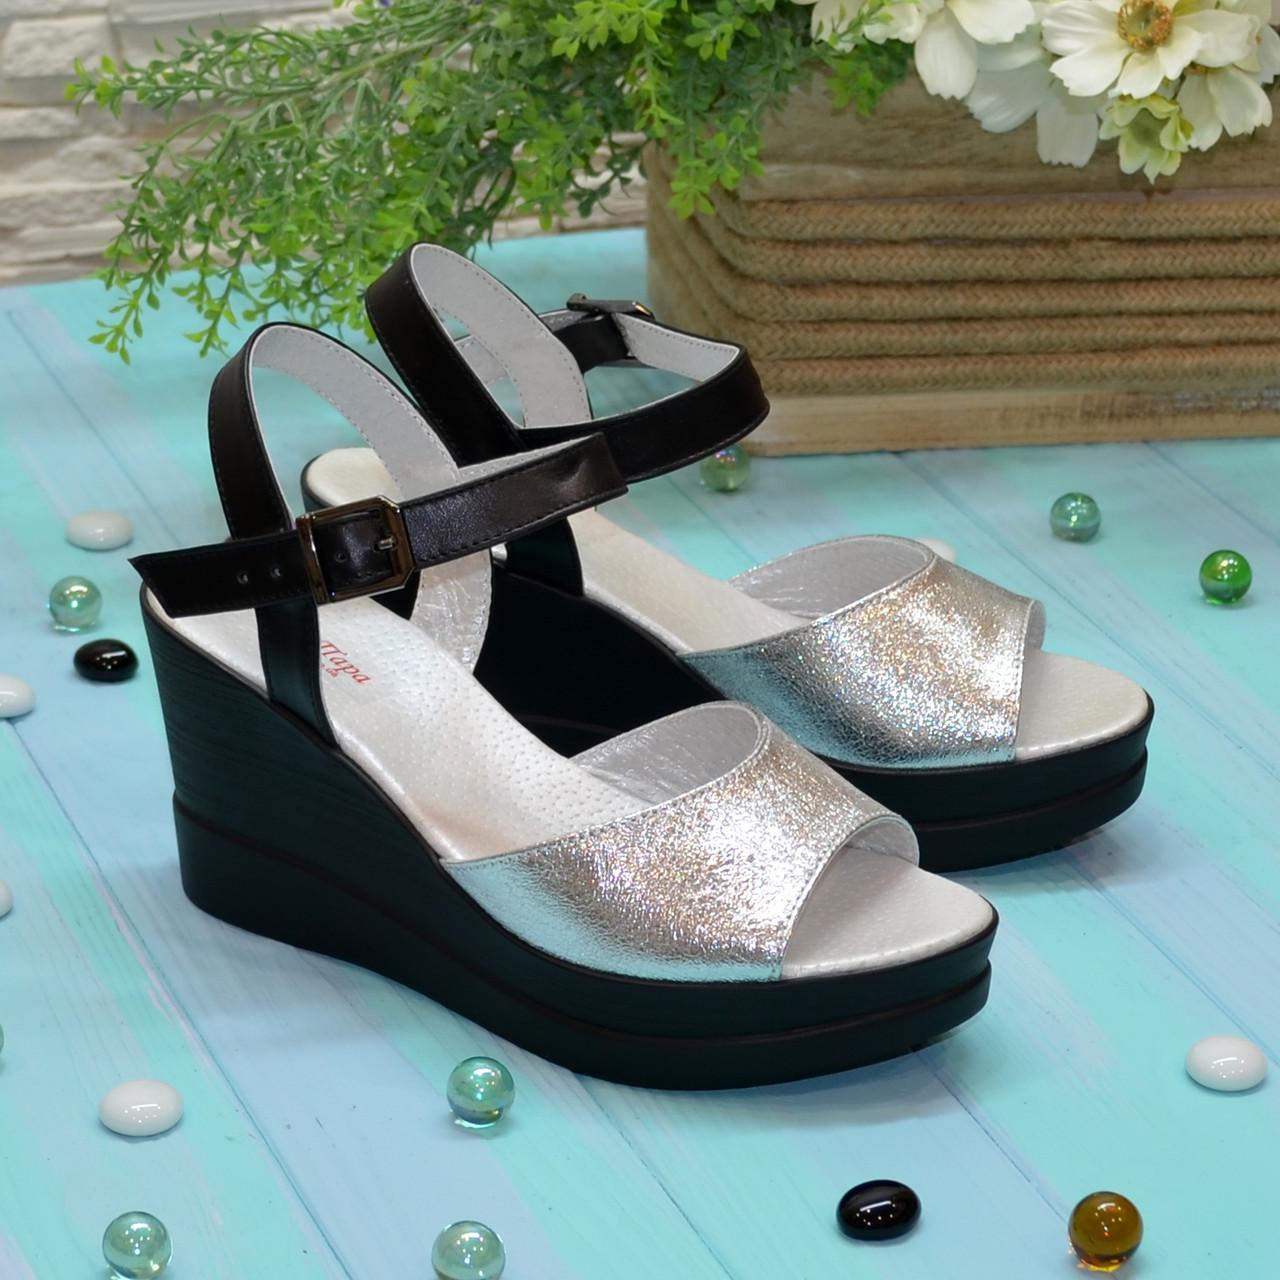 48d34d85155c Босоножки кожаные женские на устойчивой платформе, цвет серебро/черный:  продажа, ...